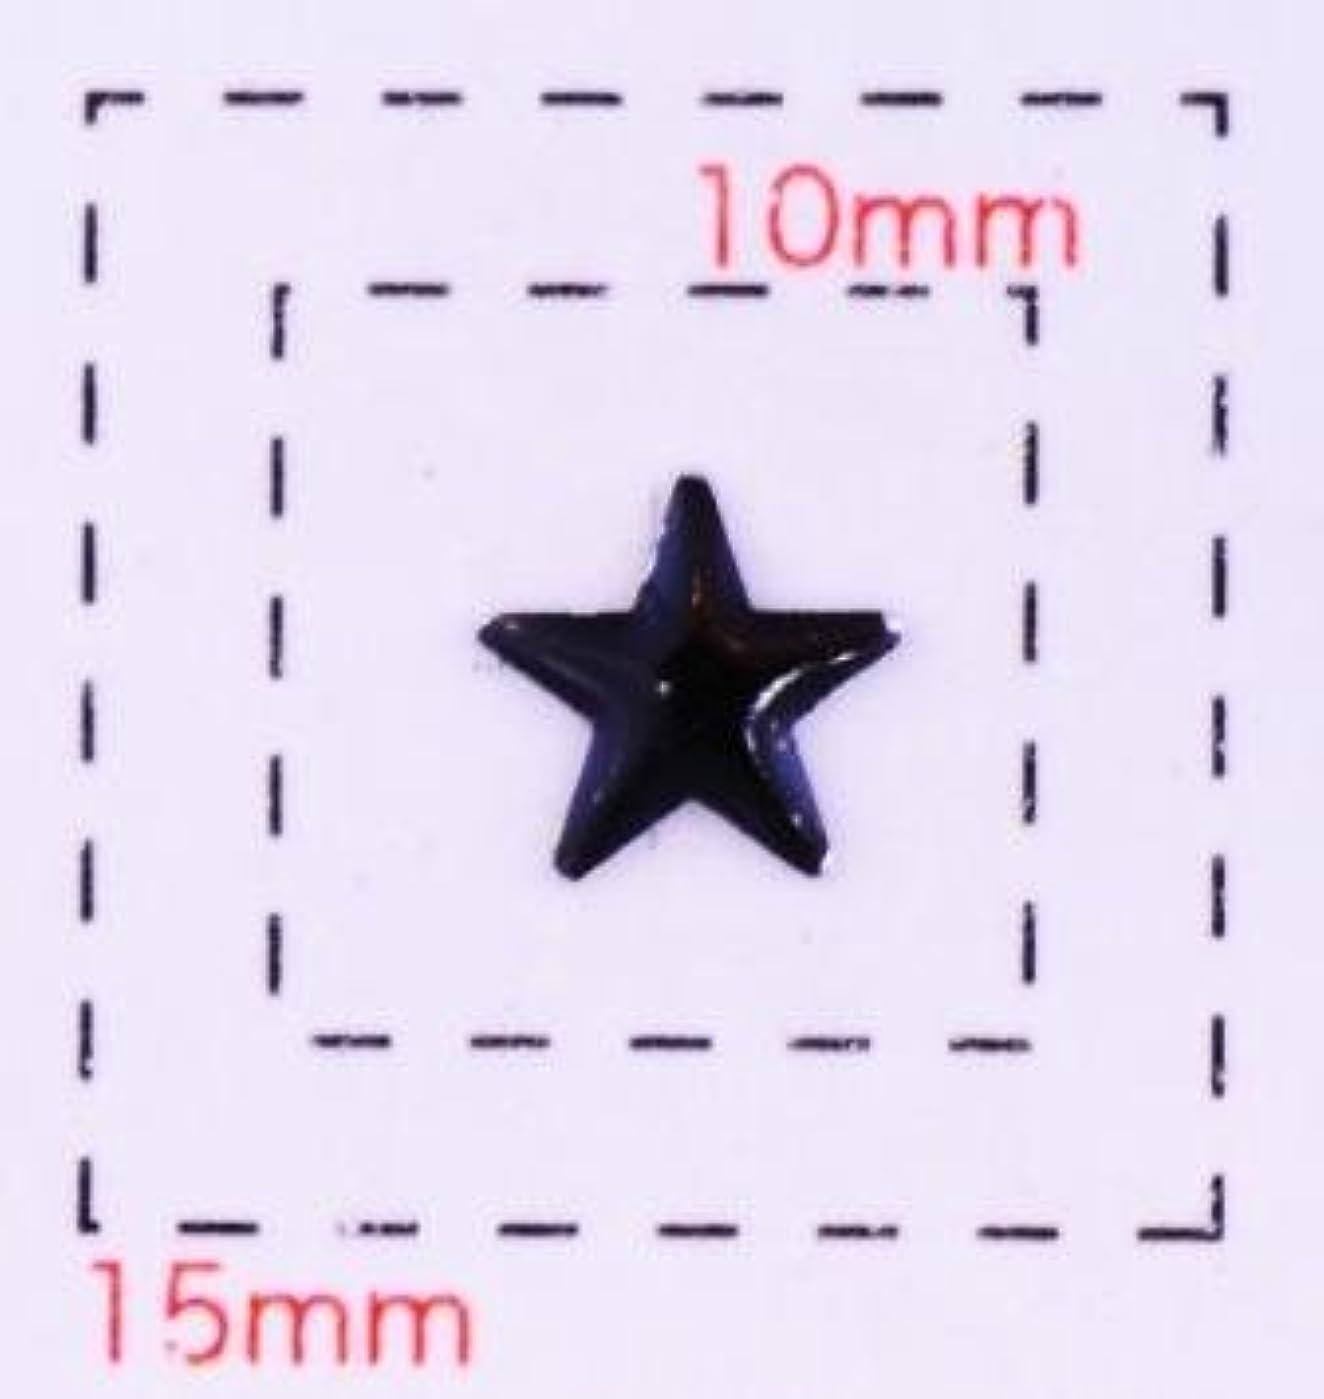 曲げる腫瘍臭い星型カラフルスタッズ6ミリ(星)《ネイル?デコ電用メタルパーツ》ブラック10個入